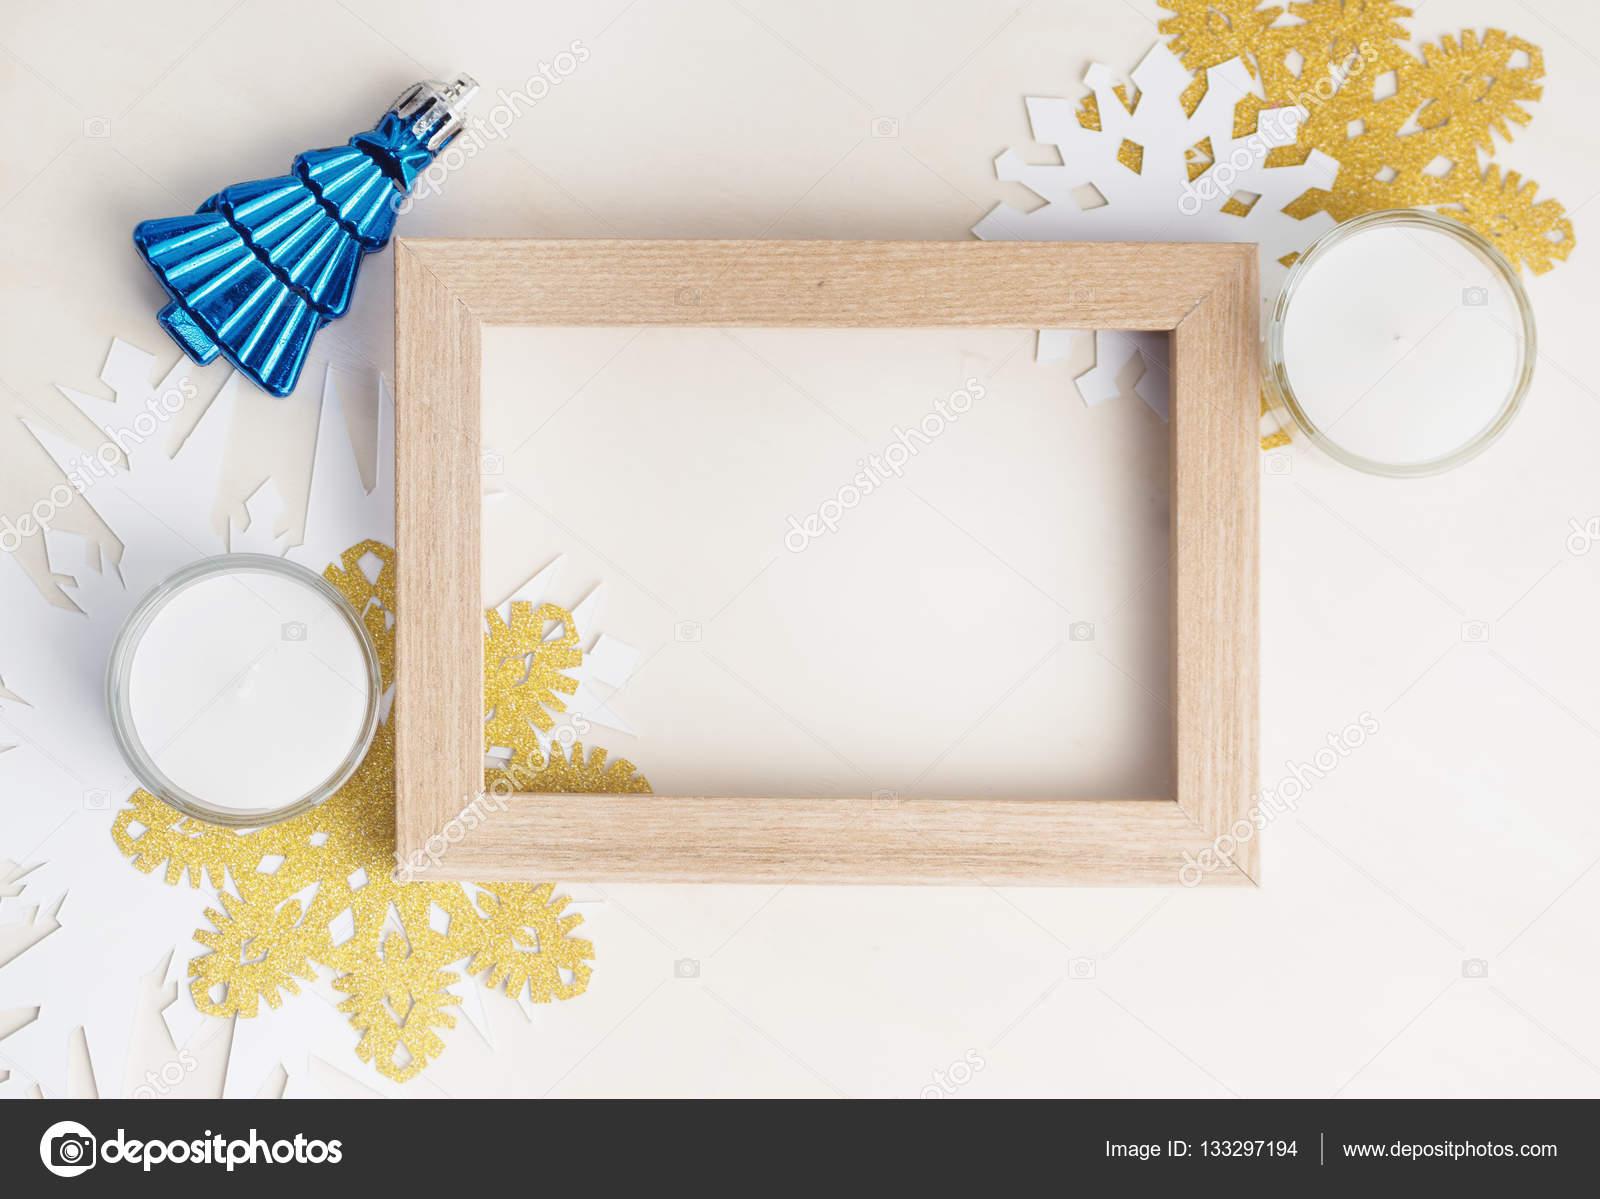 Leere Bilderrahmen mit Weihnachtsbaum Spielzeug, weiß und Gold ...